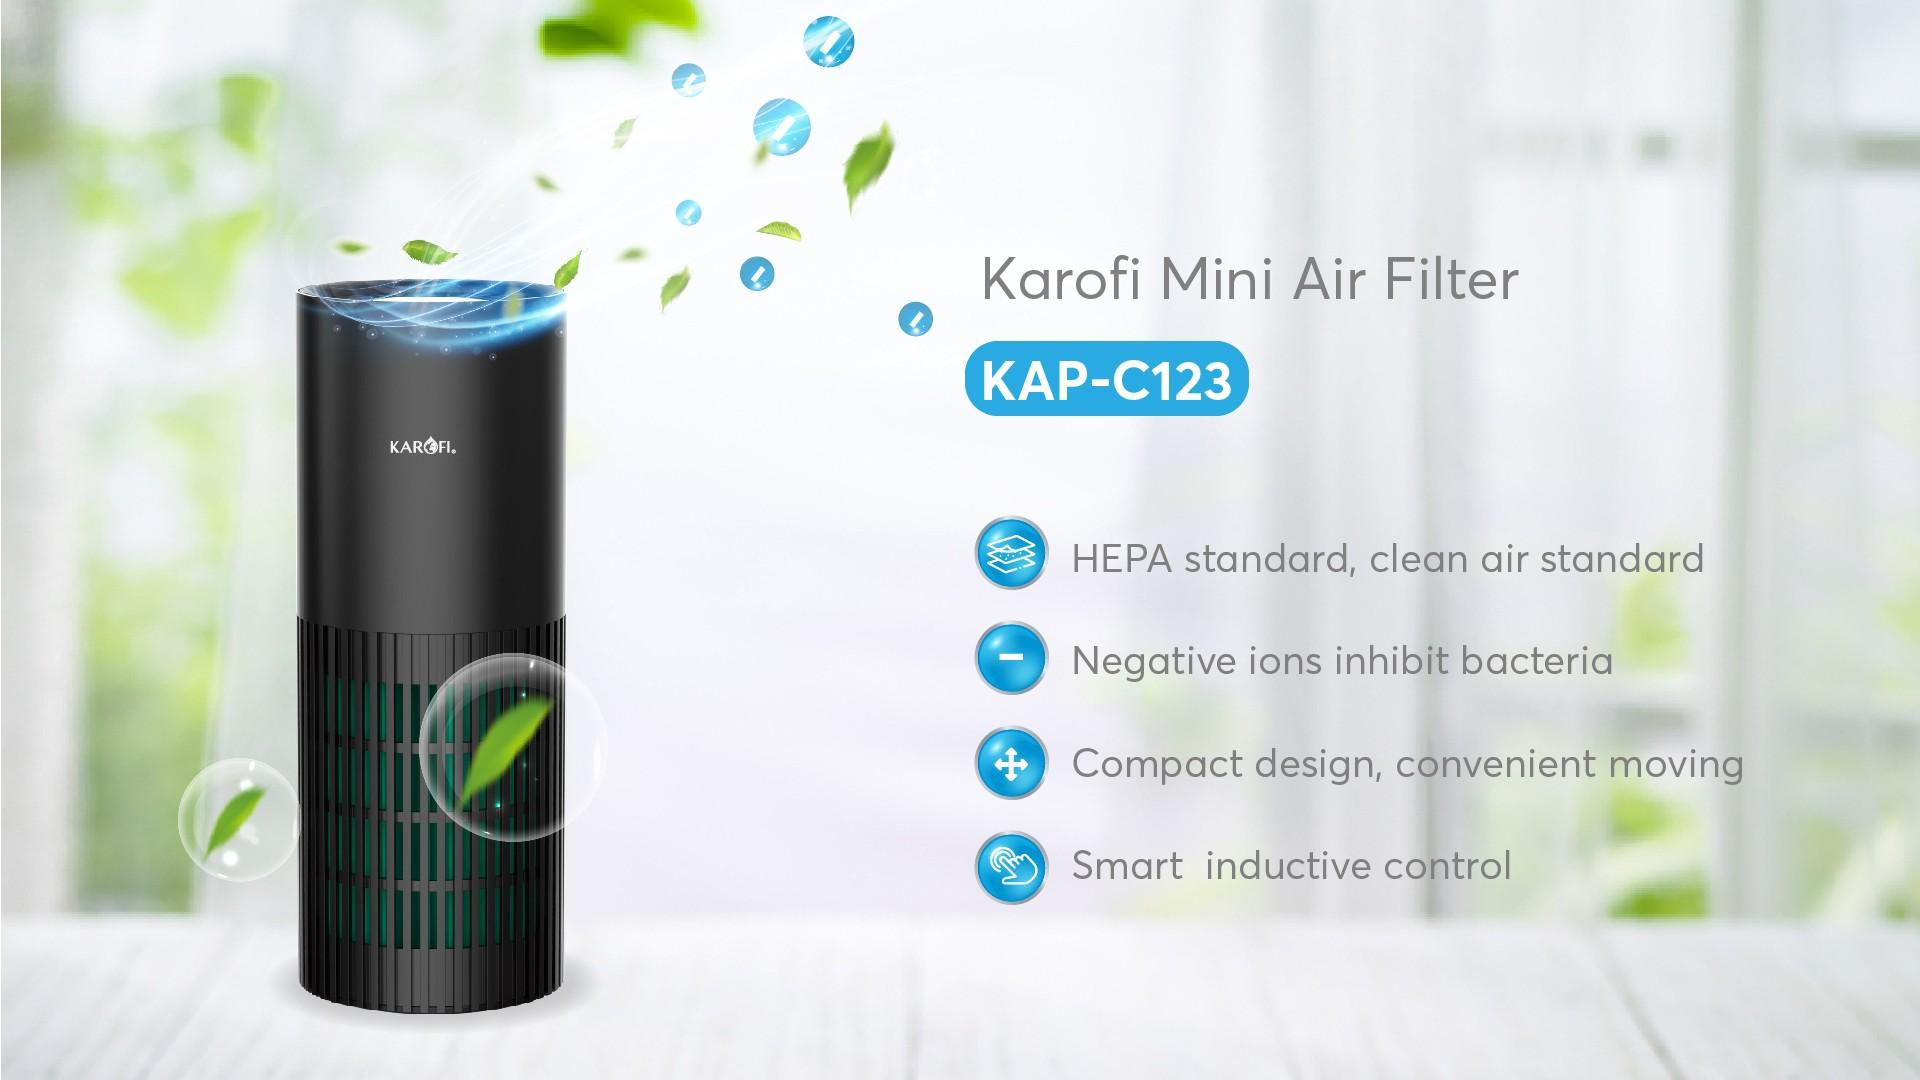 karofi-kap-c123-mini-air-filter-7